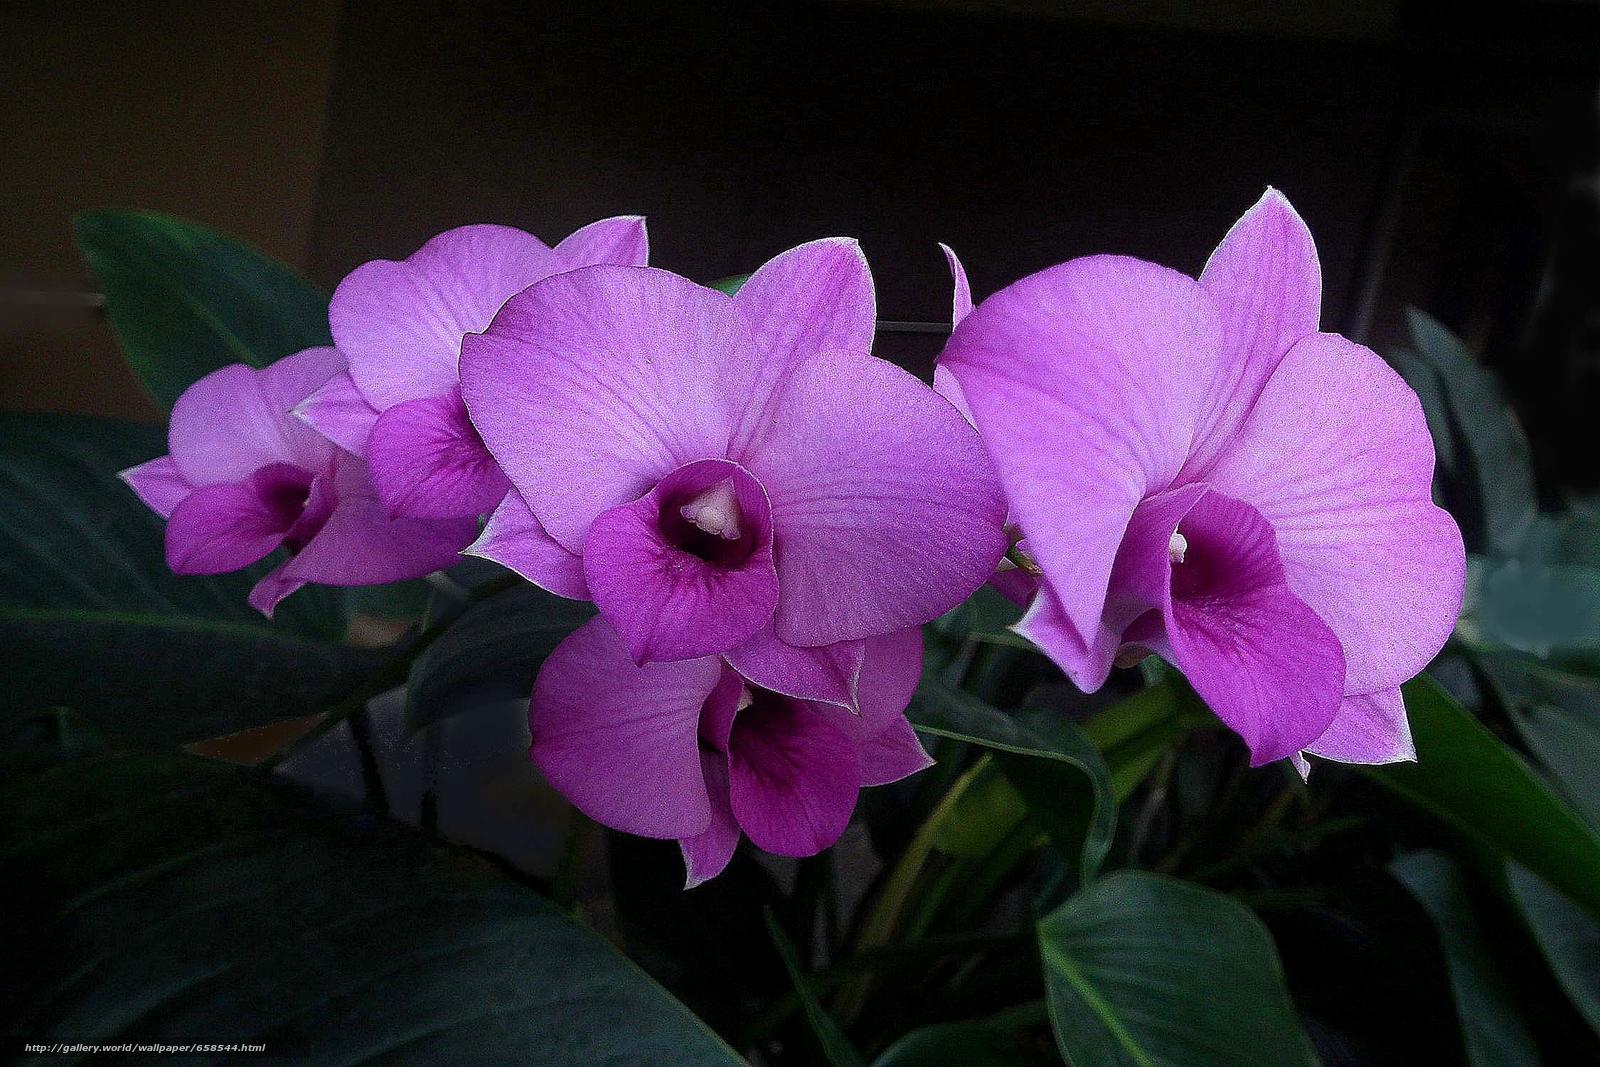 pobra tapety kwiat,  Kwiaty,  flora,  orchidea Darmowe tapety na pulpit rozdzielczoci 2250x1500 — zdjcie №658544